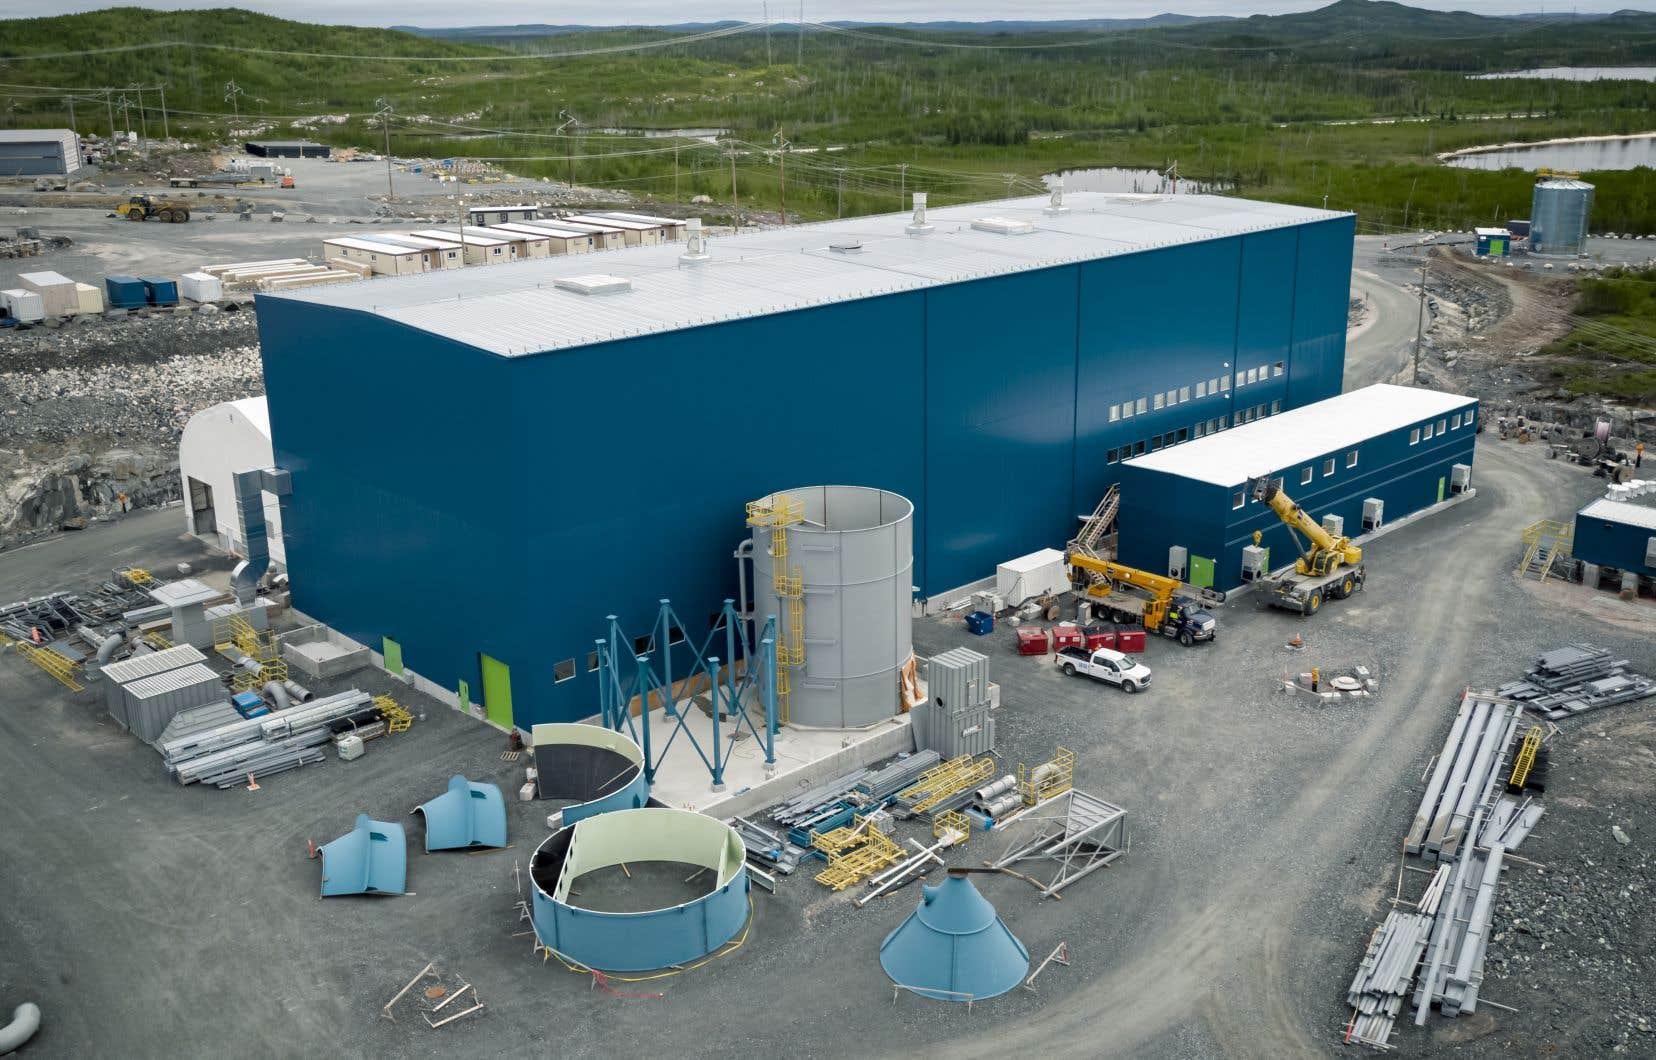 La société recherche 1,1milliard dans le but de pouvoir transformer, dans une usine électrochimique à Shawinigan, du minerai de spodumène extrait de la mine Whabouchi en sels de lithium à valeur ajoutée.